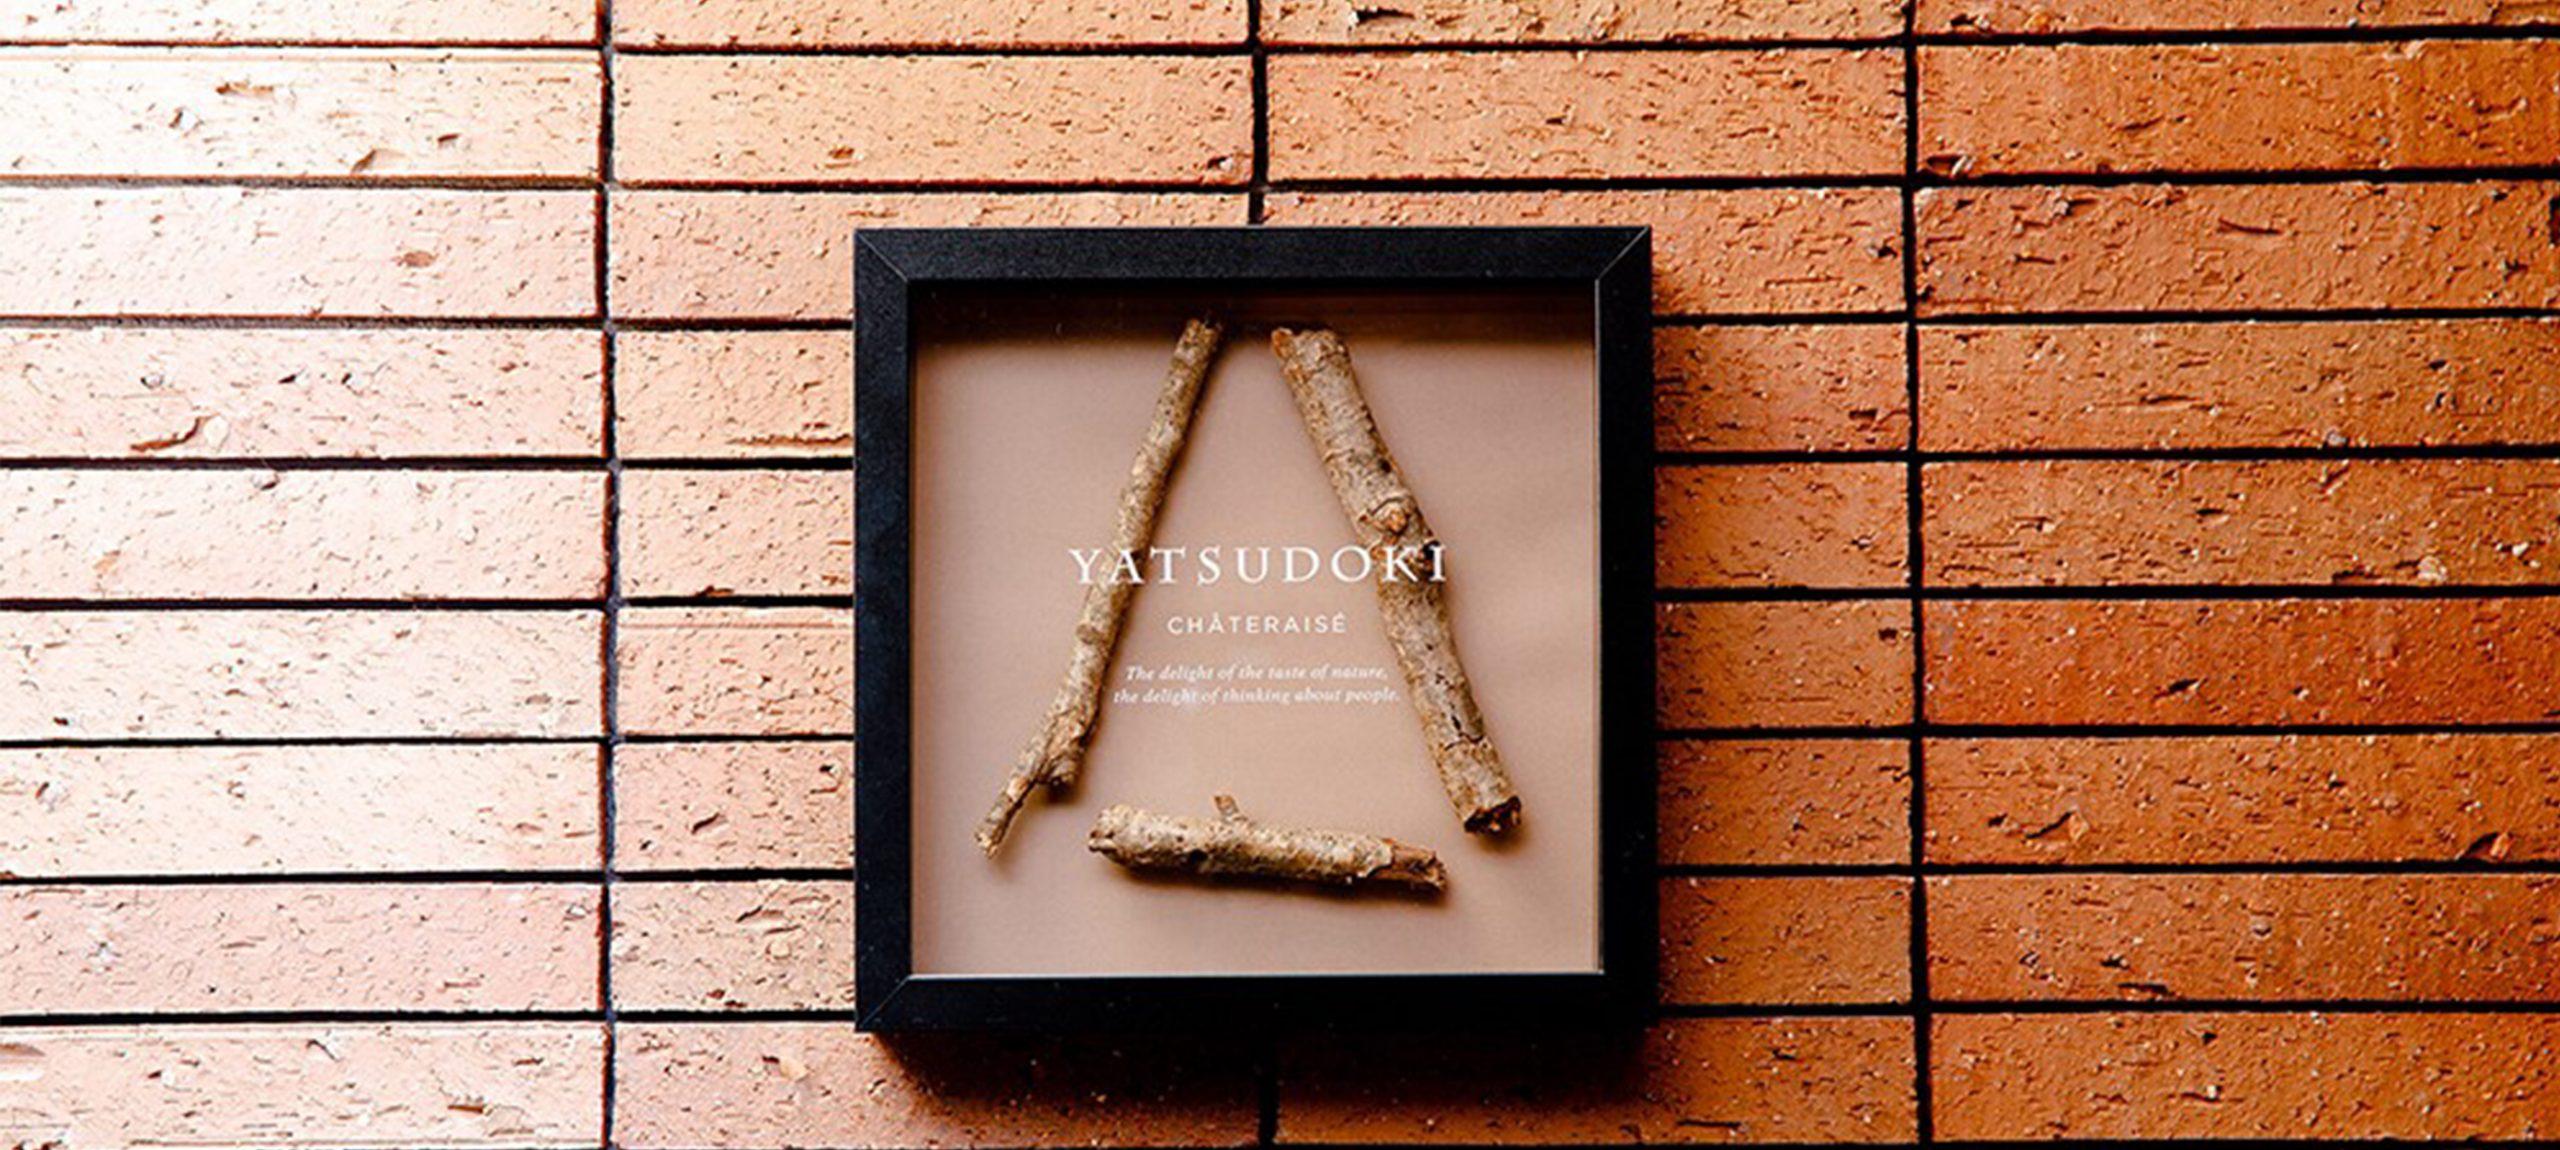 シャトレーゼ「YATSUDOKI(ヤツドキ)」のロゴ・アイコン事例画像